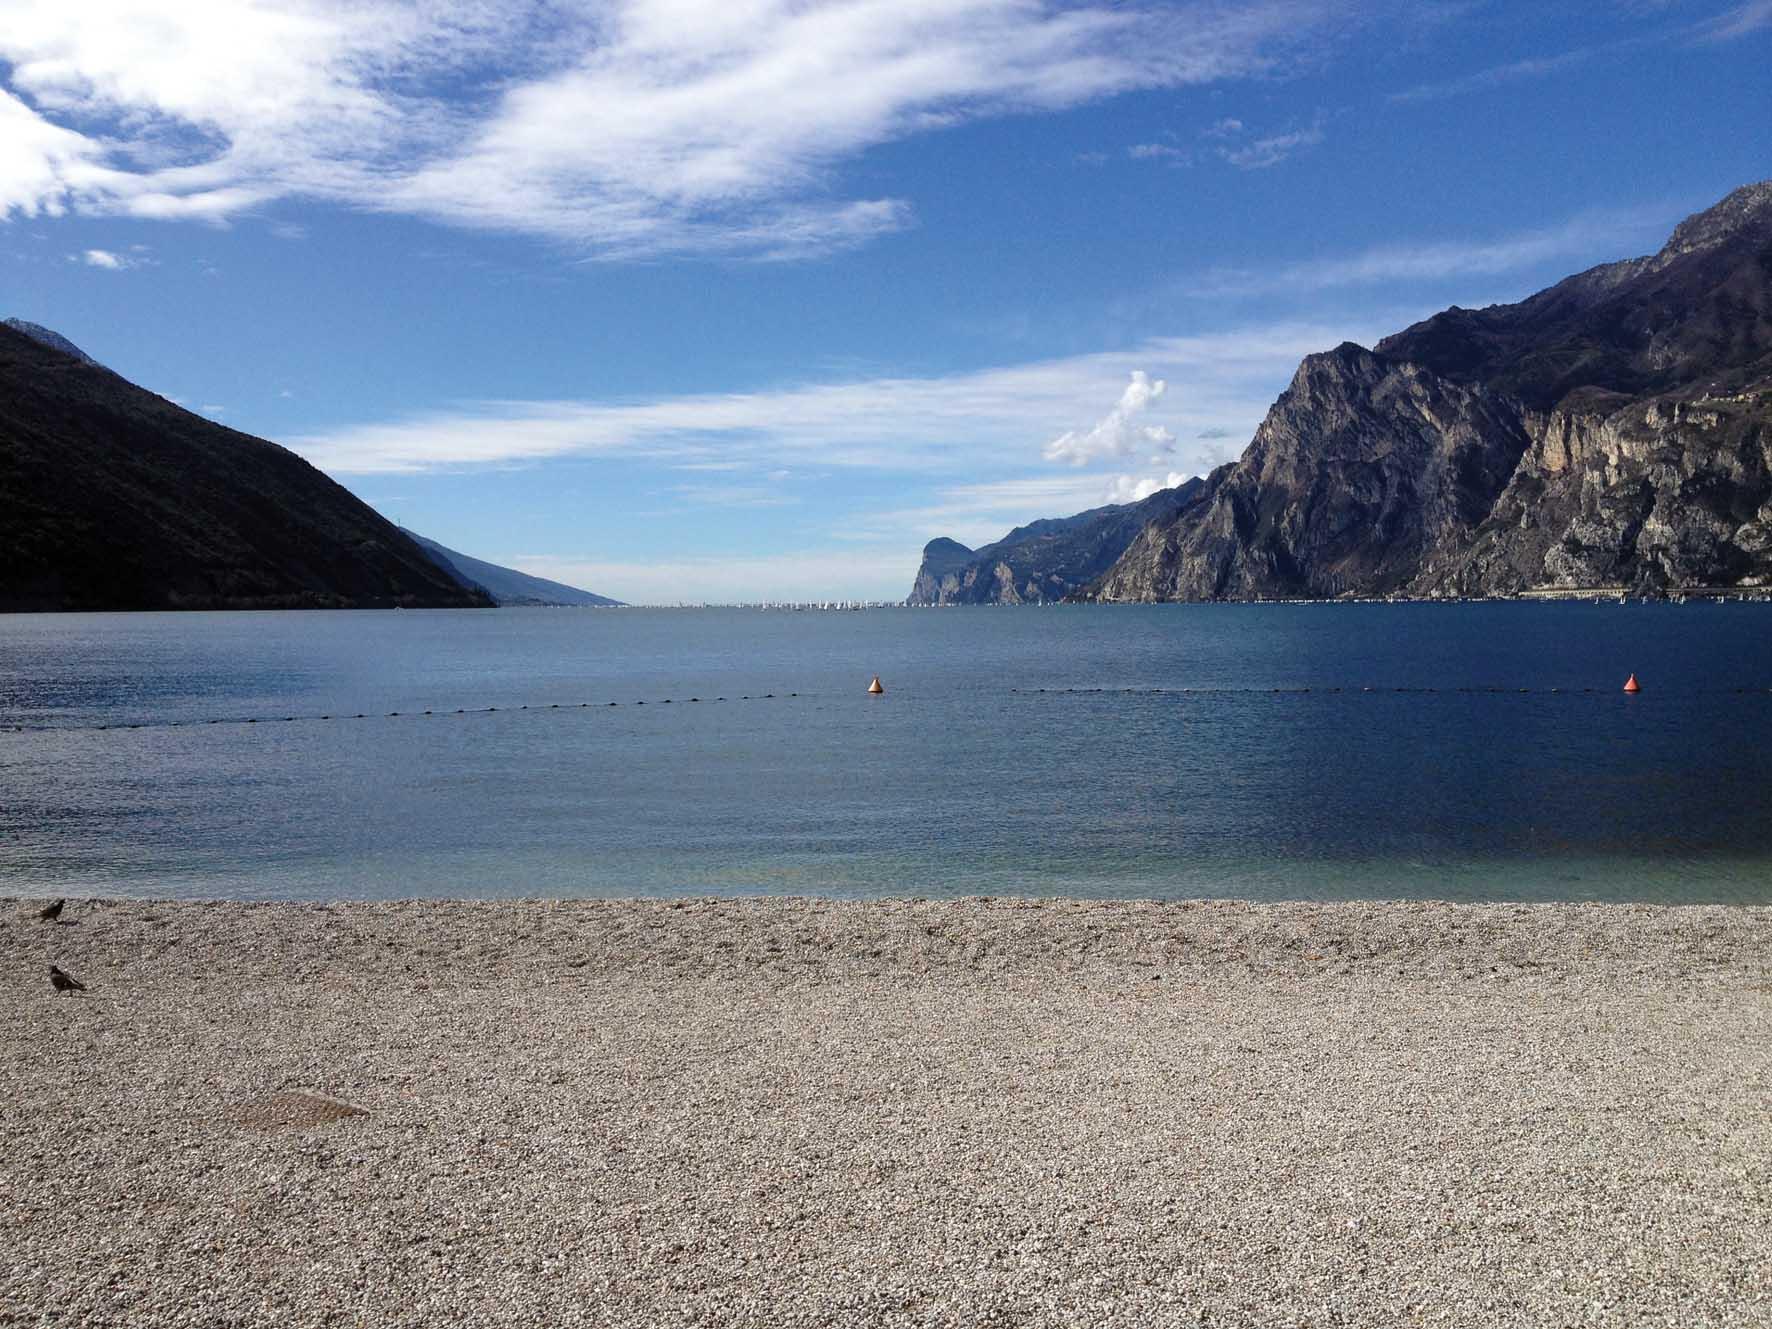 lago di garda torbole spiaggia 1